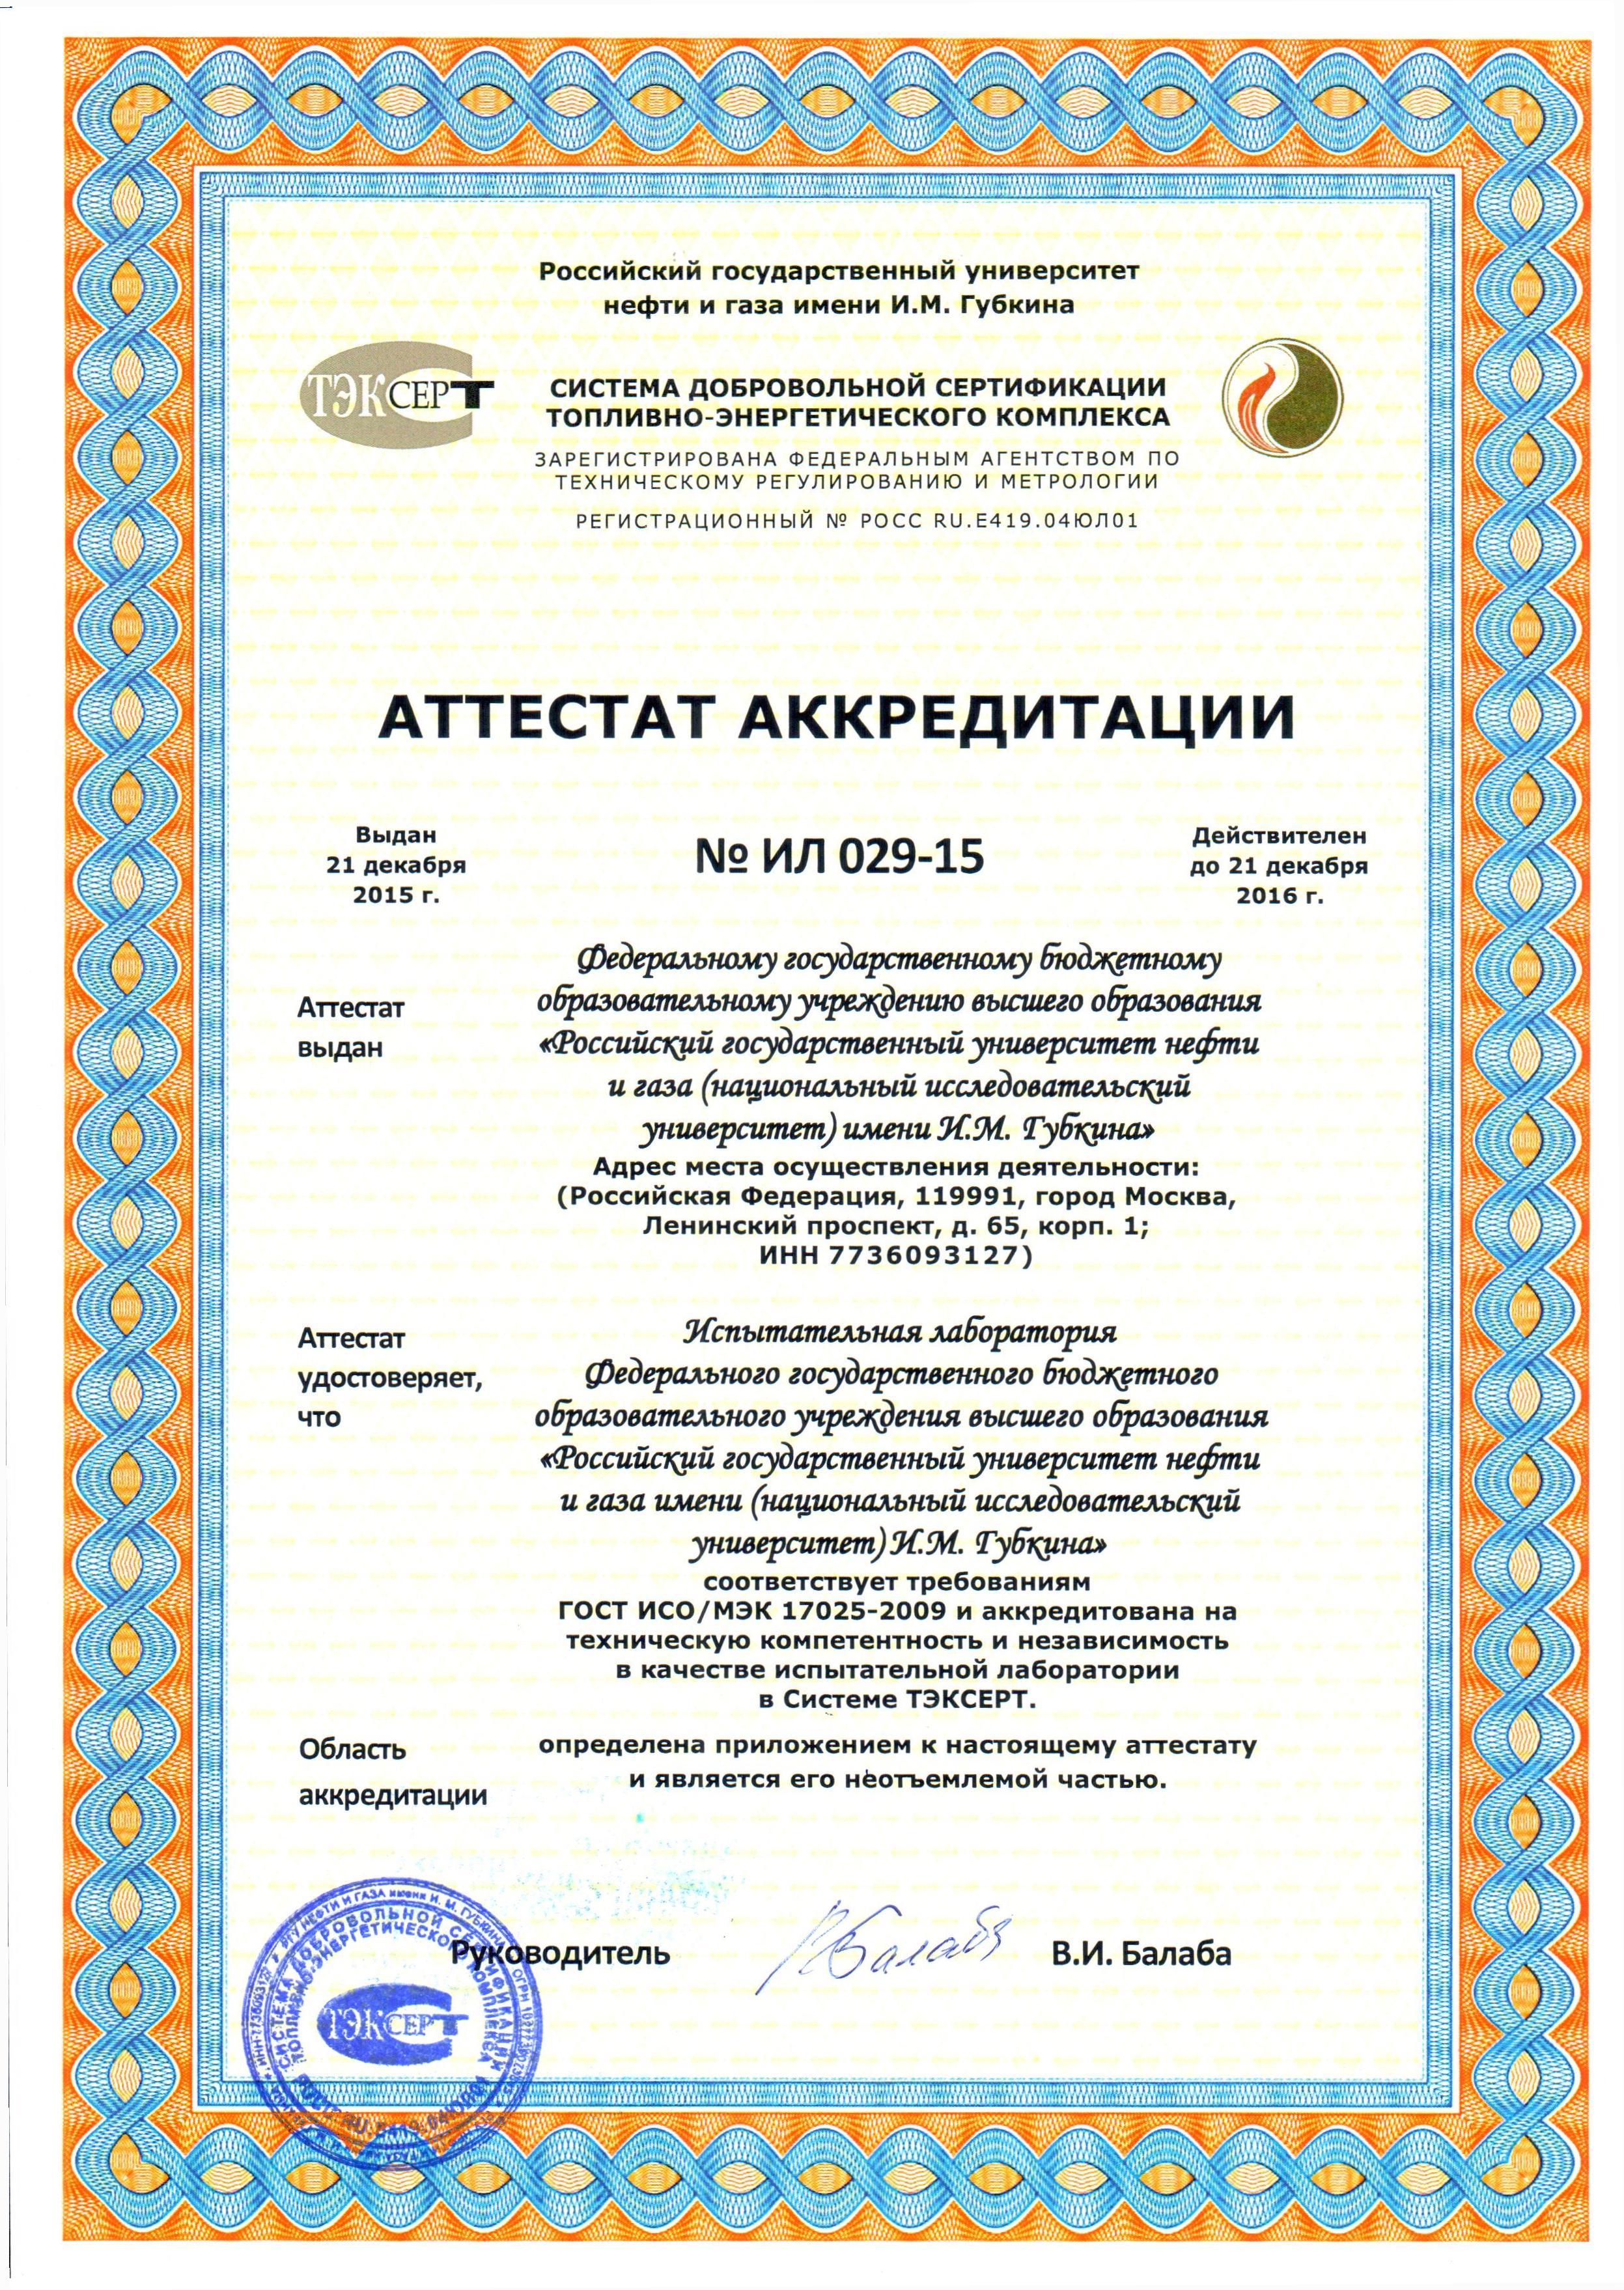 паспорт испытательной лаборатории 2014 образец